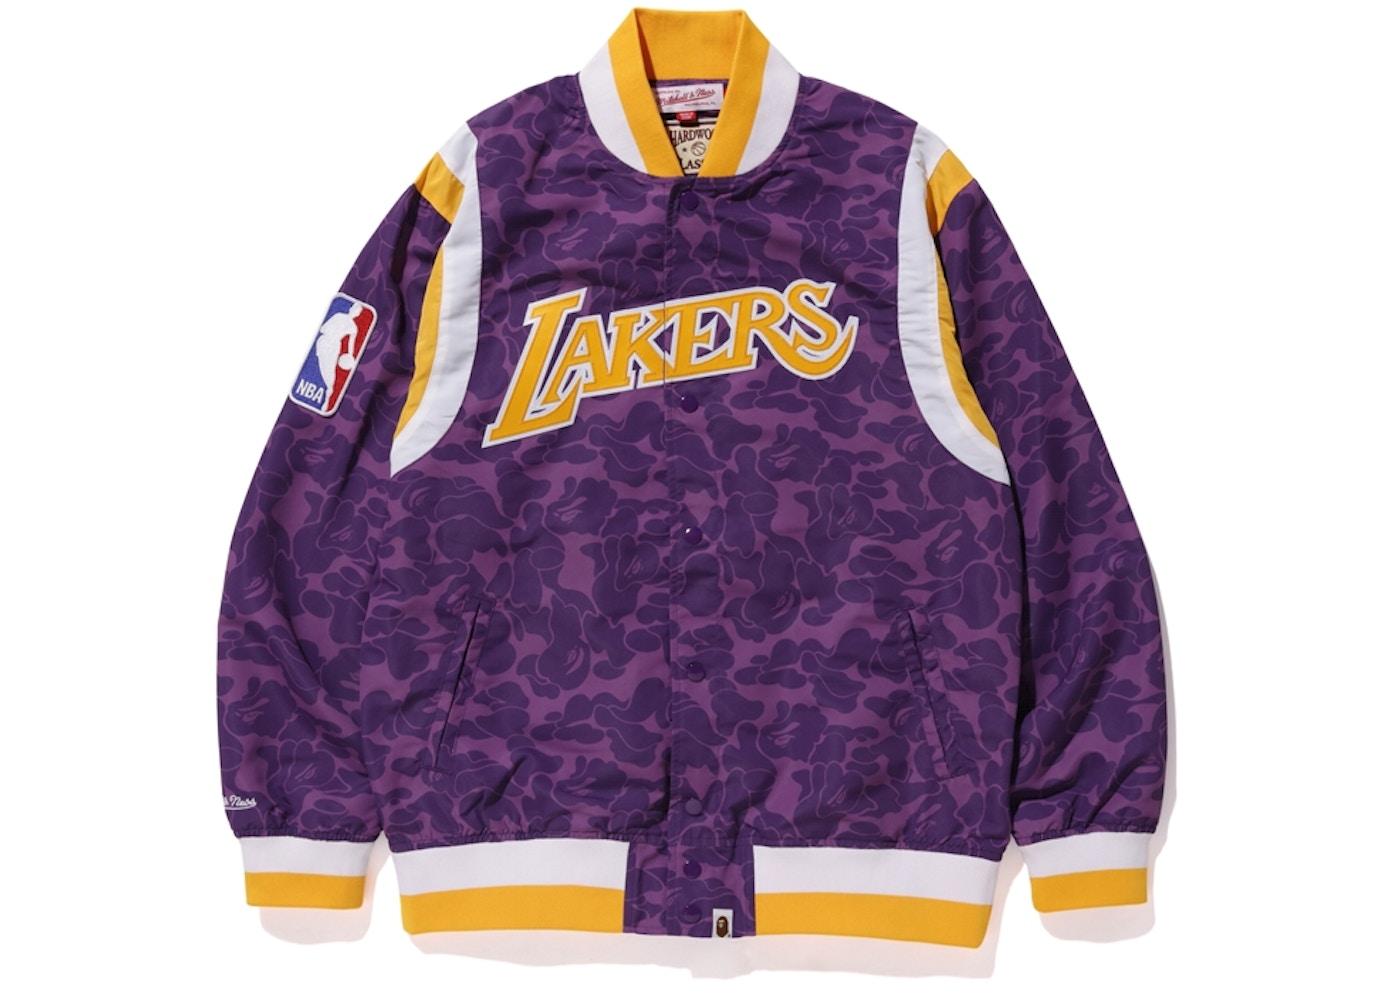 2352ebde Bape x Mitchell & Ness Lakers Warm Up Jacket Purple • Buy/Sell